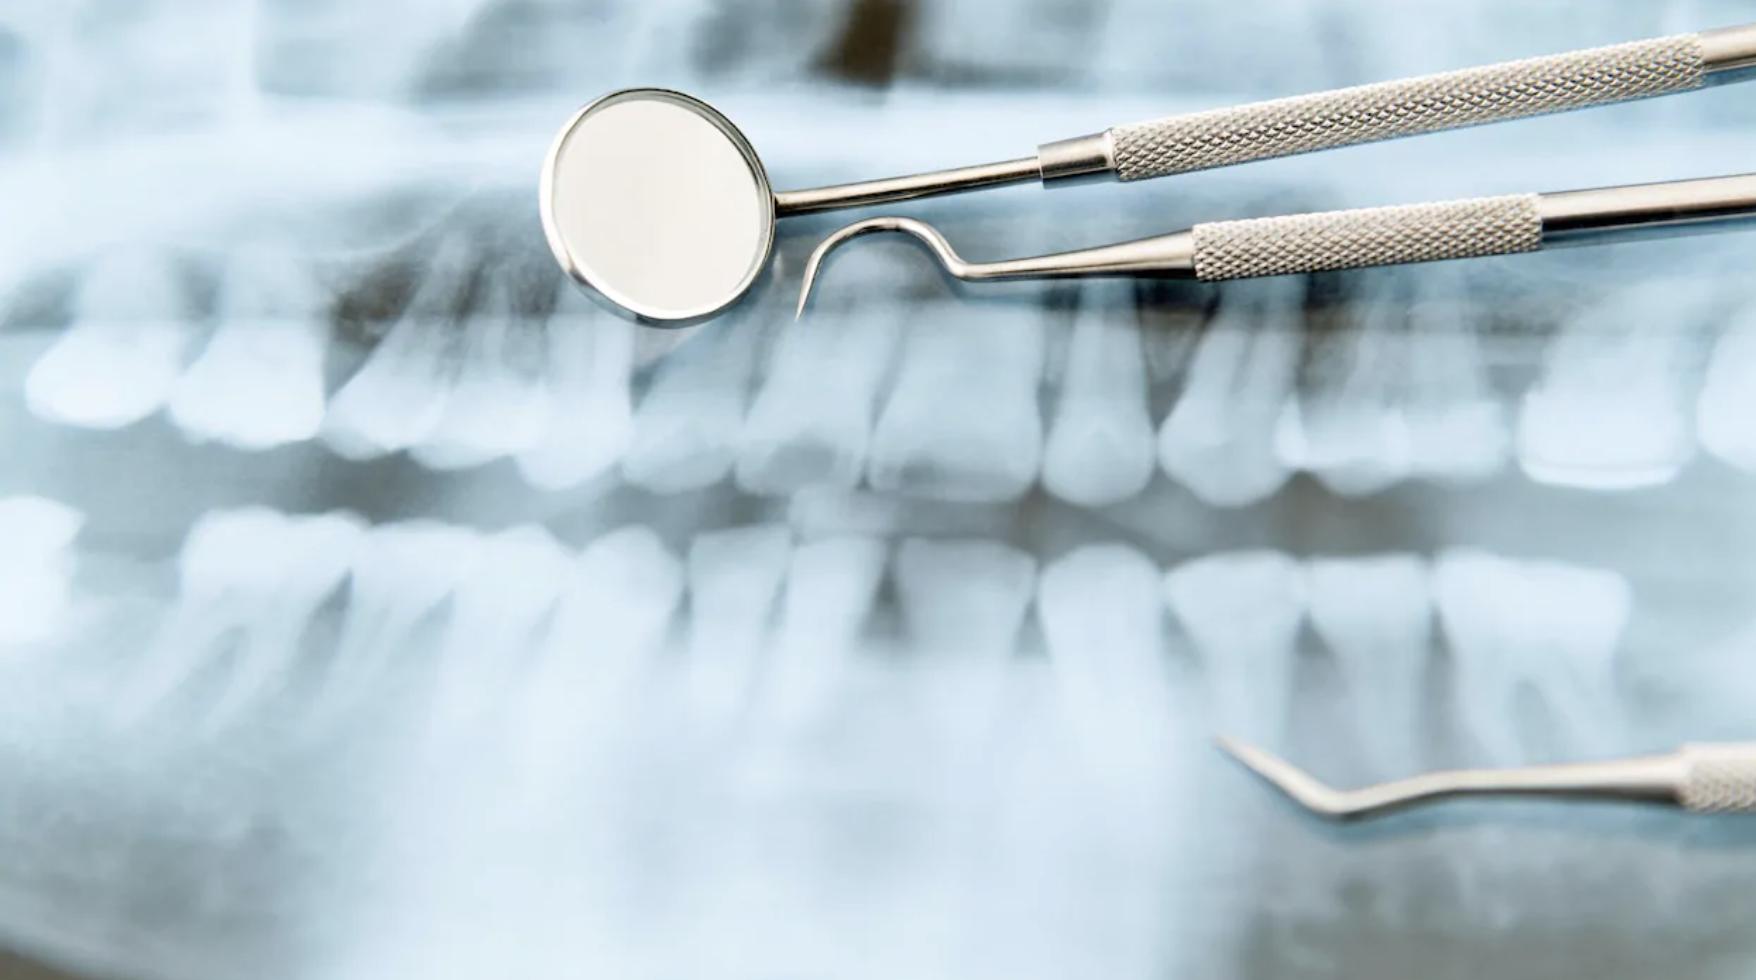 https://ici.radio-canada.ca/nouvelle/1401314/dentistes-traitements-prix-plans-quebec-facture-assurance